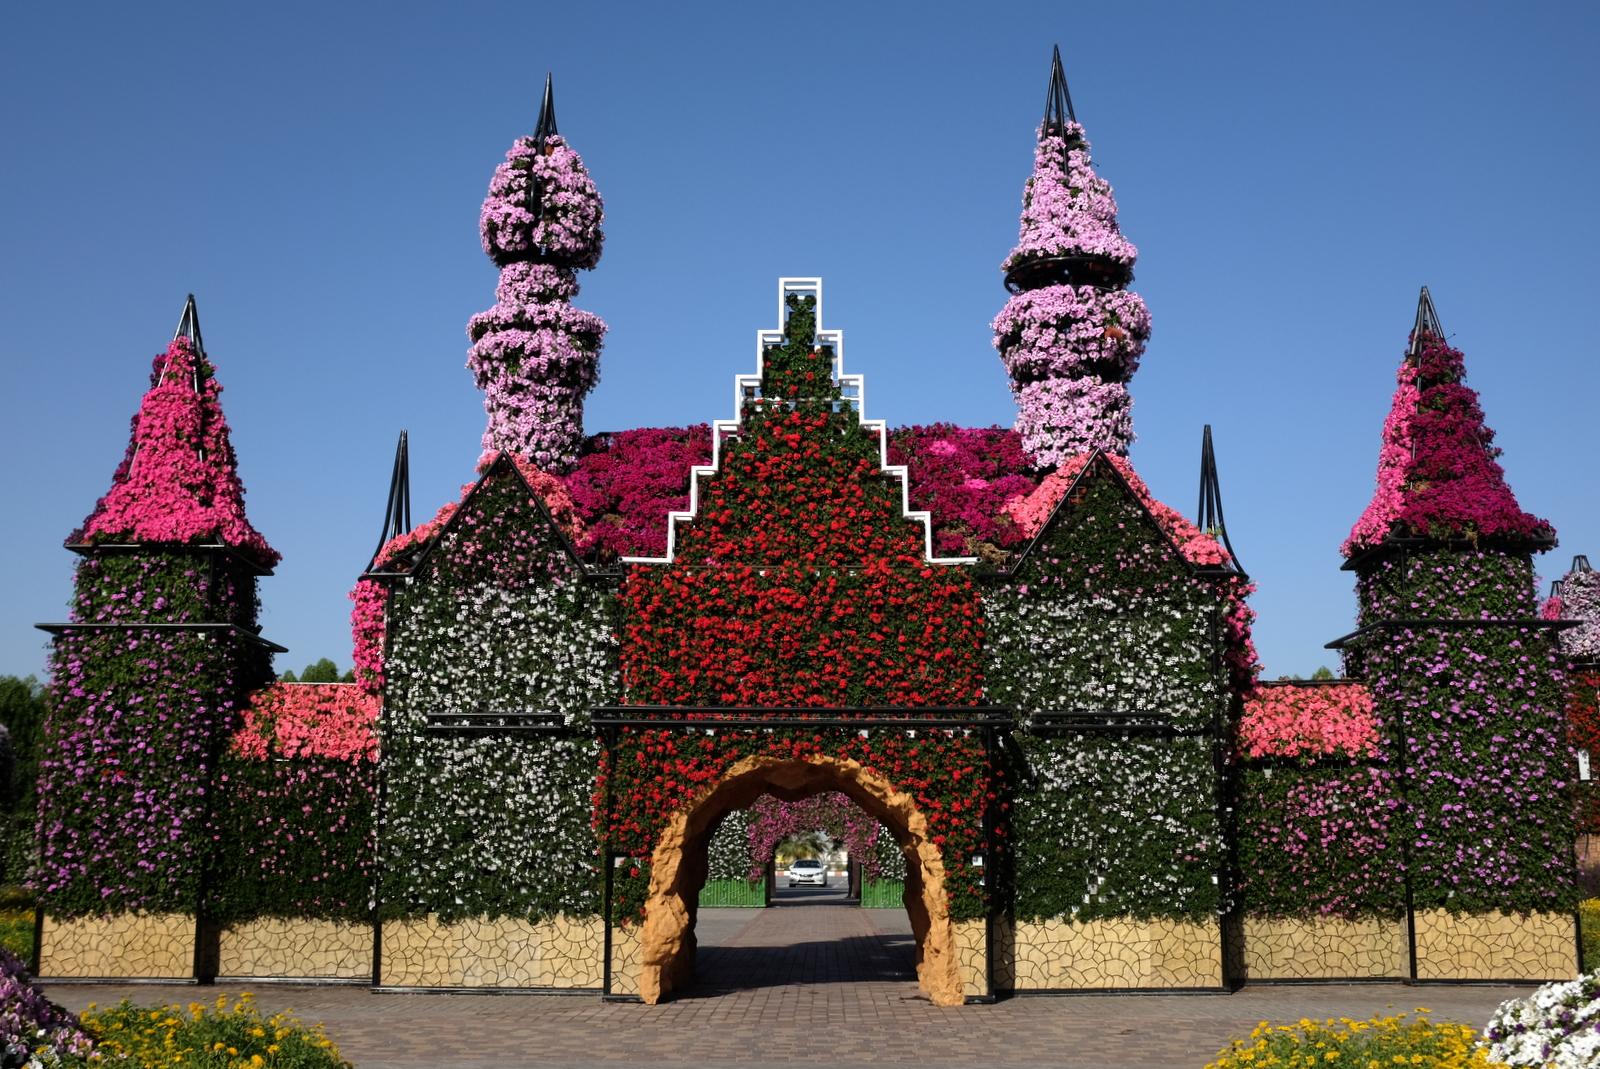 Dubai Miracle Garden - Entrance